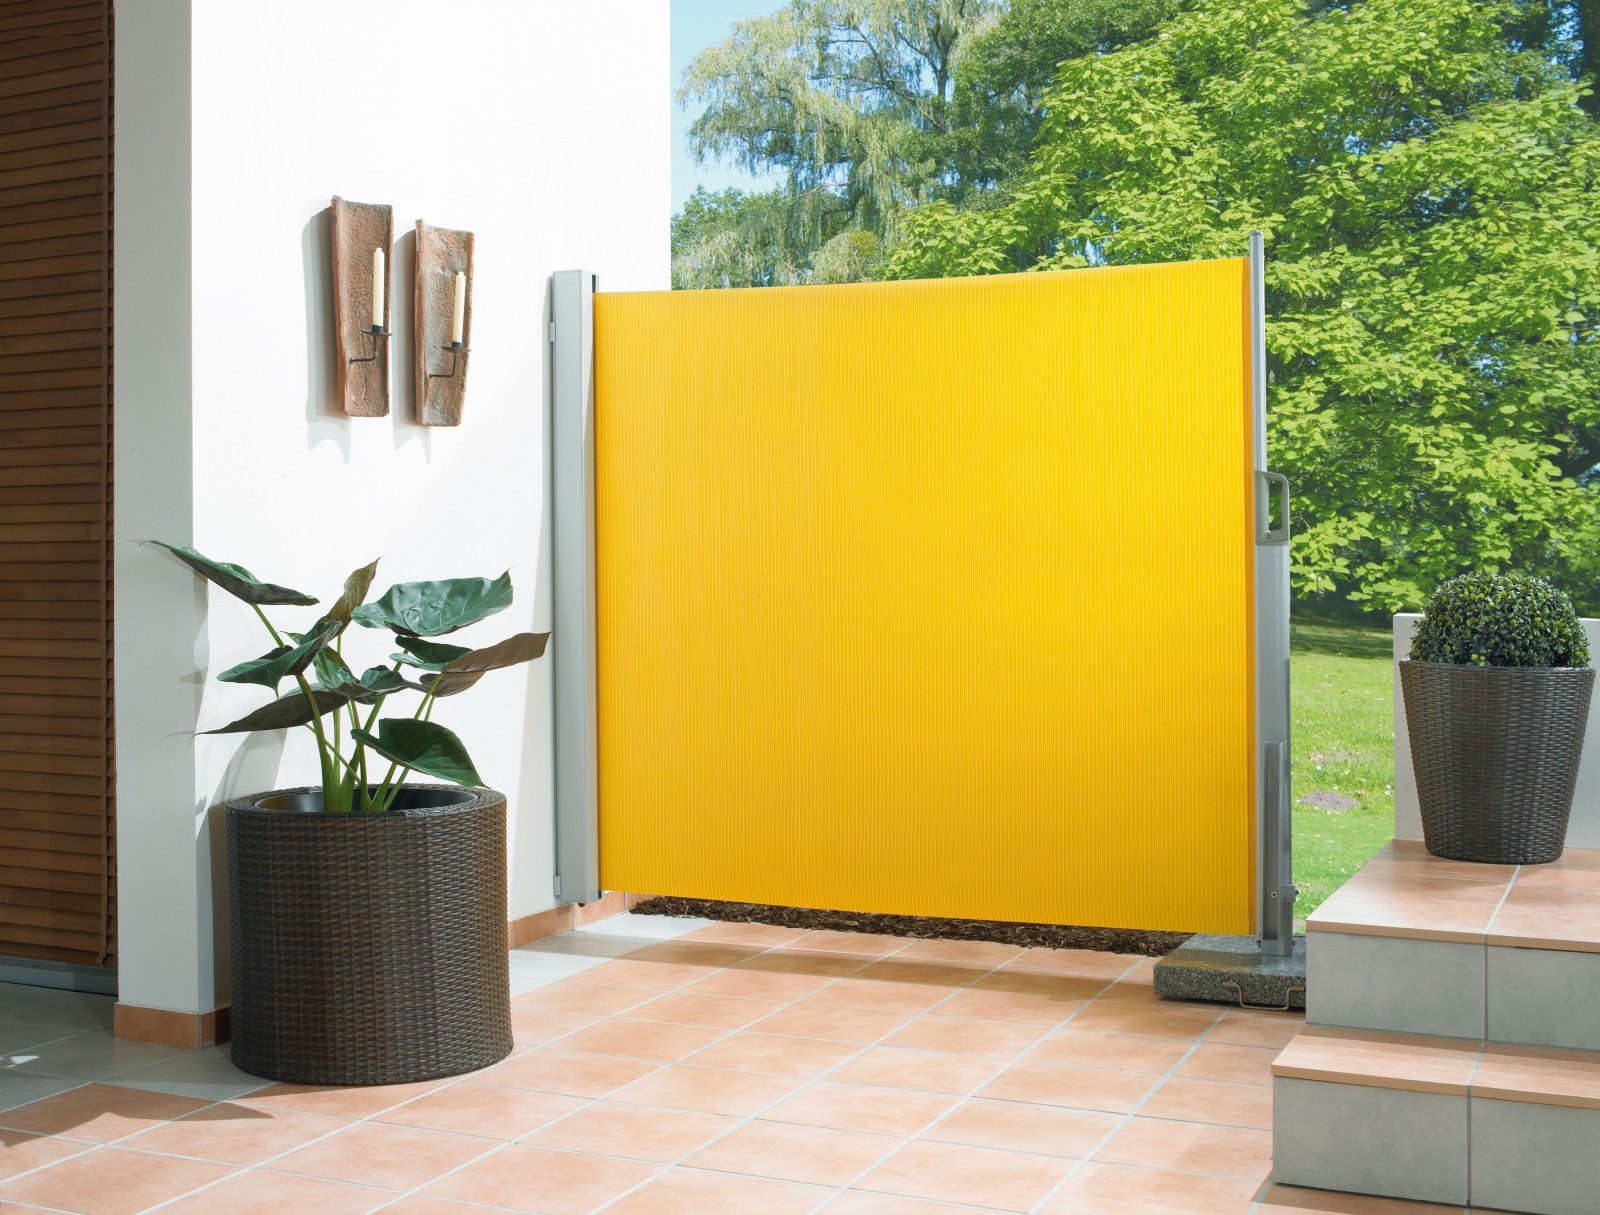 Genial Ehrfurchtige Sonnenschutz Terrasse Seitlich Zum Sichtschutz Von Ohne Bohren Photo